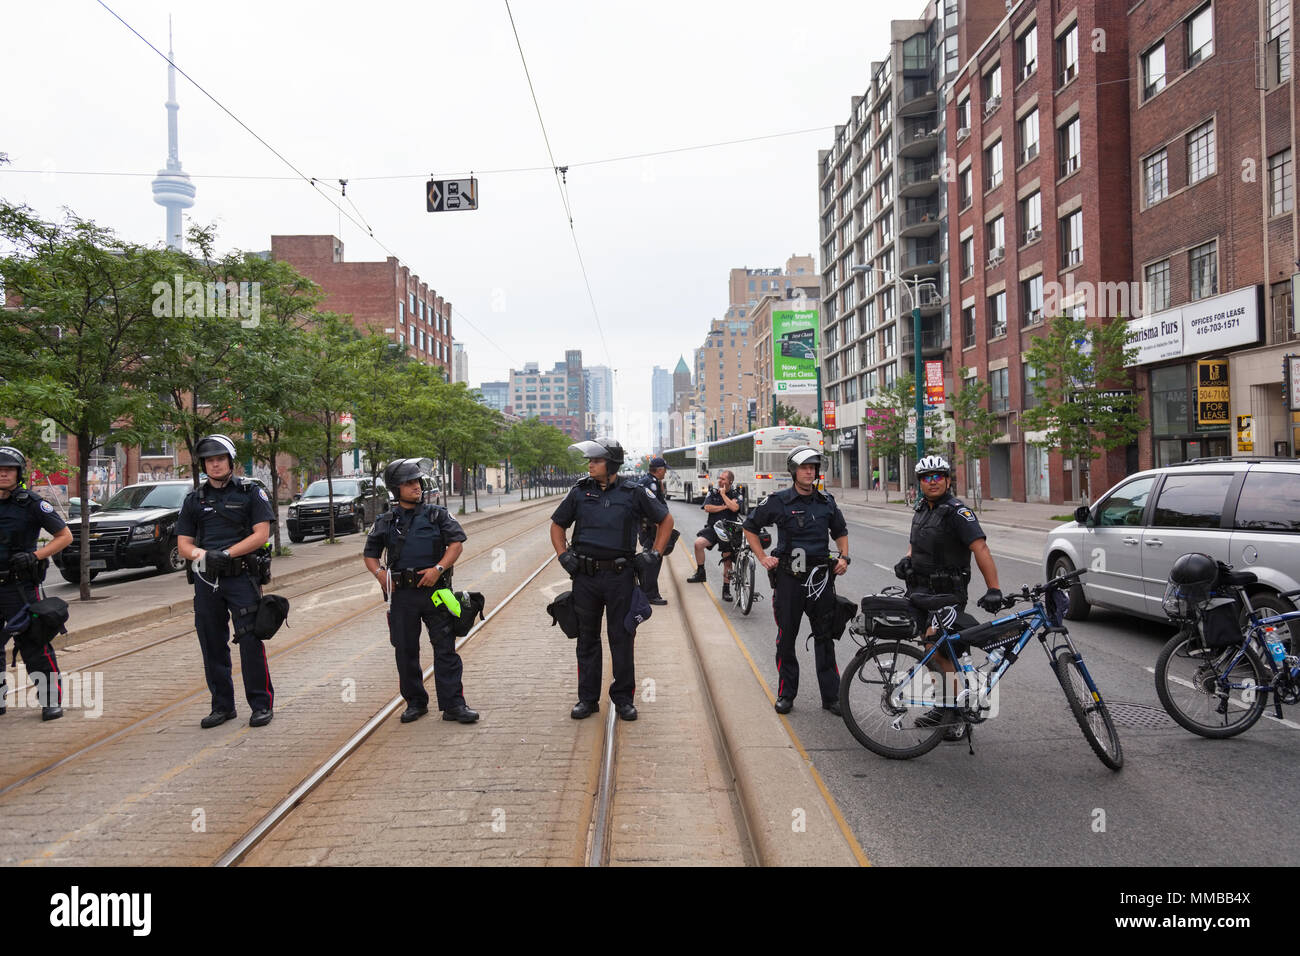 Un blocus le long de la police pendant le sommet du G20 au centre-ville de Toronto, Ontario, Canada. Photo Stock